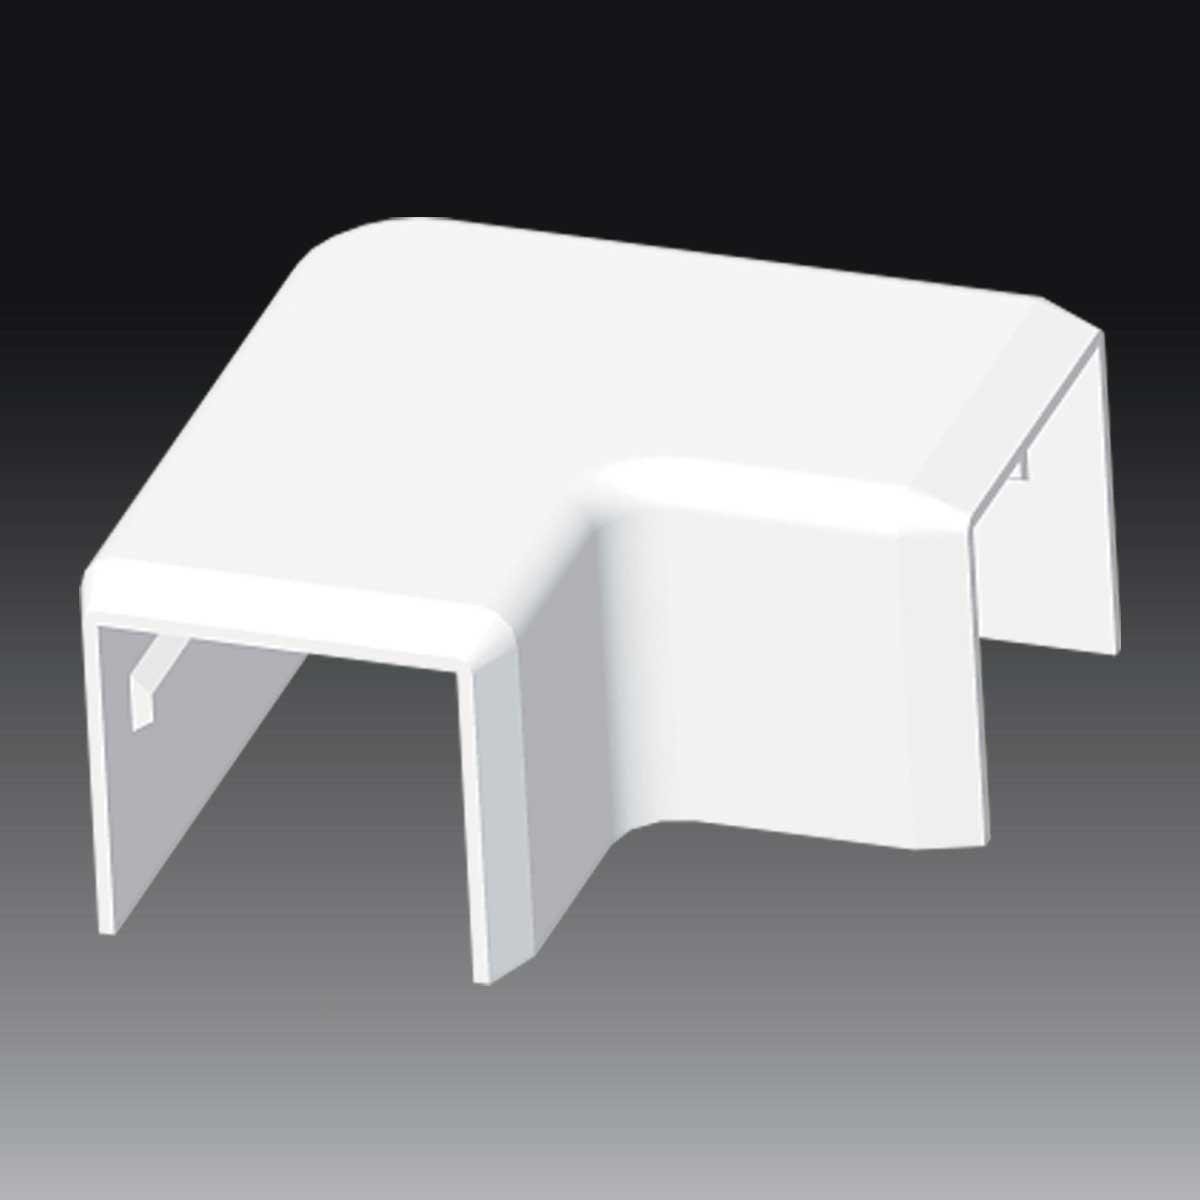 Кут прямий для LV 24х22 білого кольору; Серія LV; ПВХ